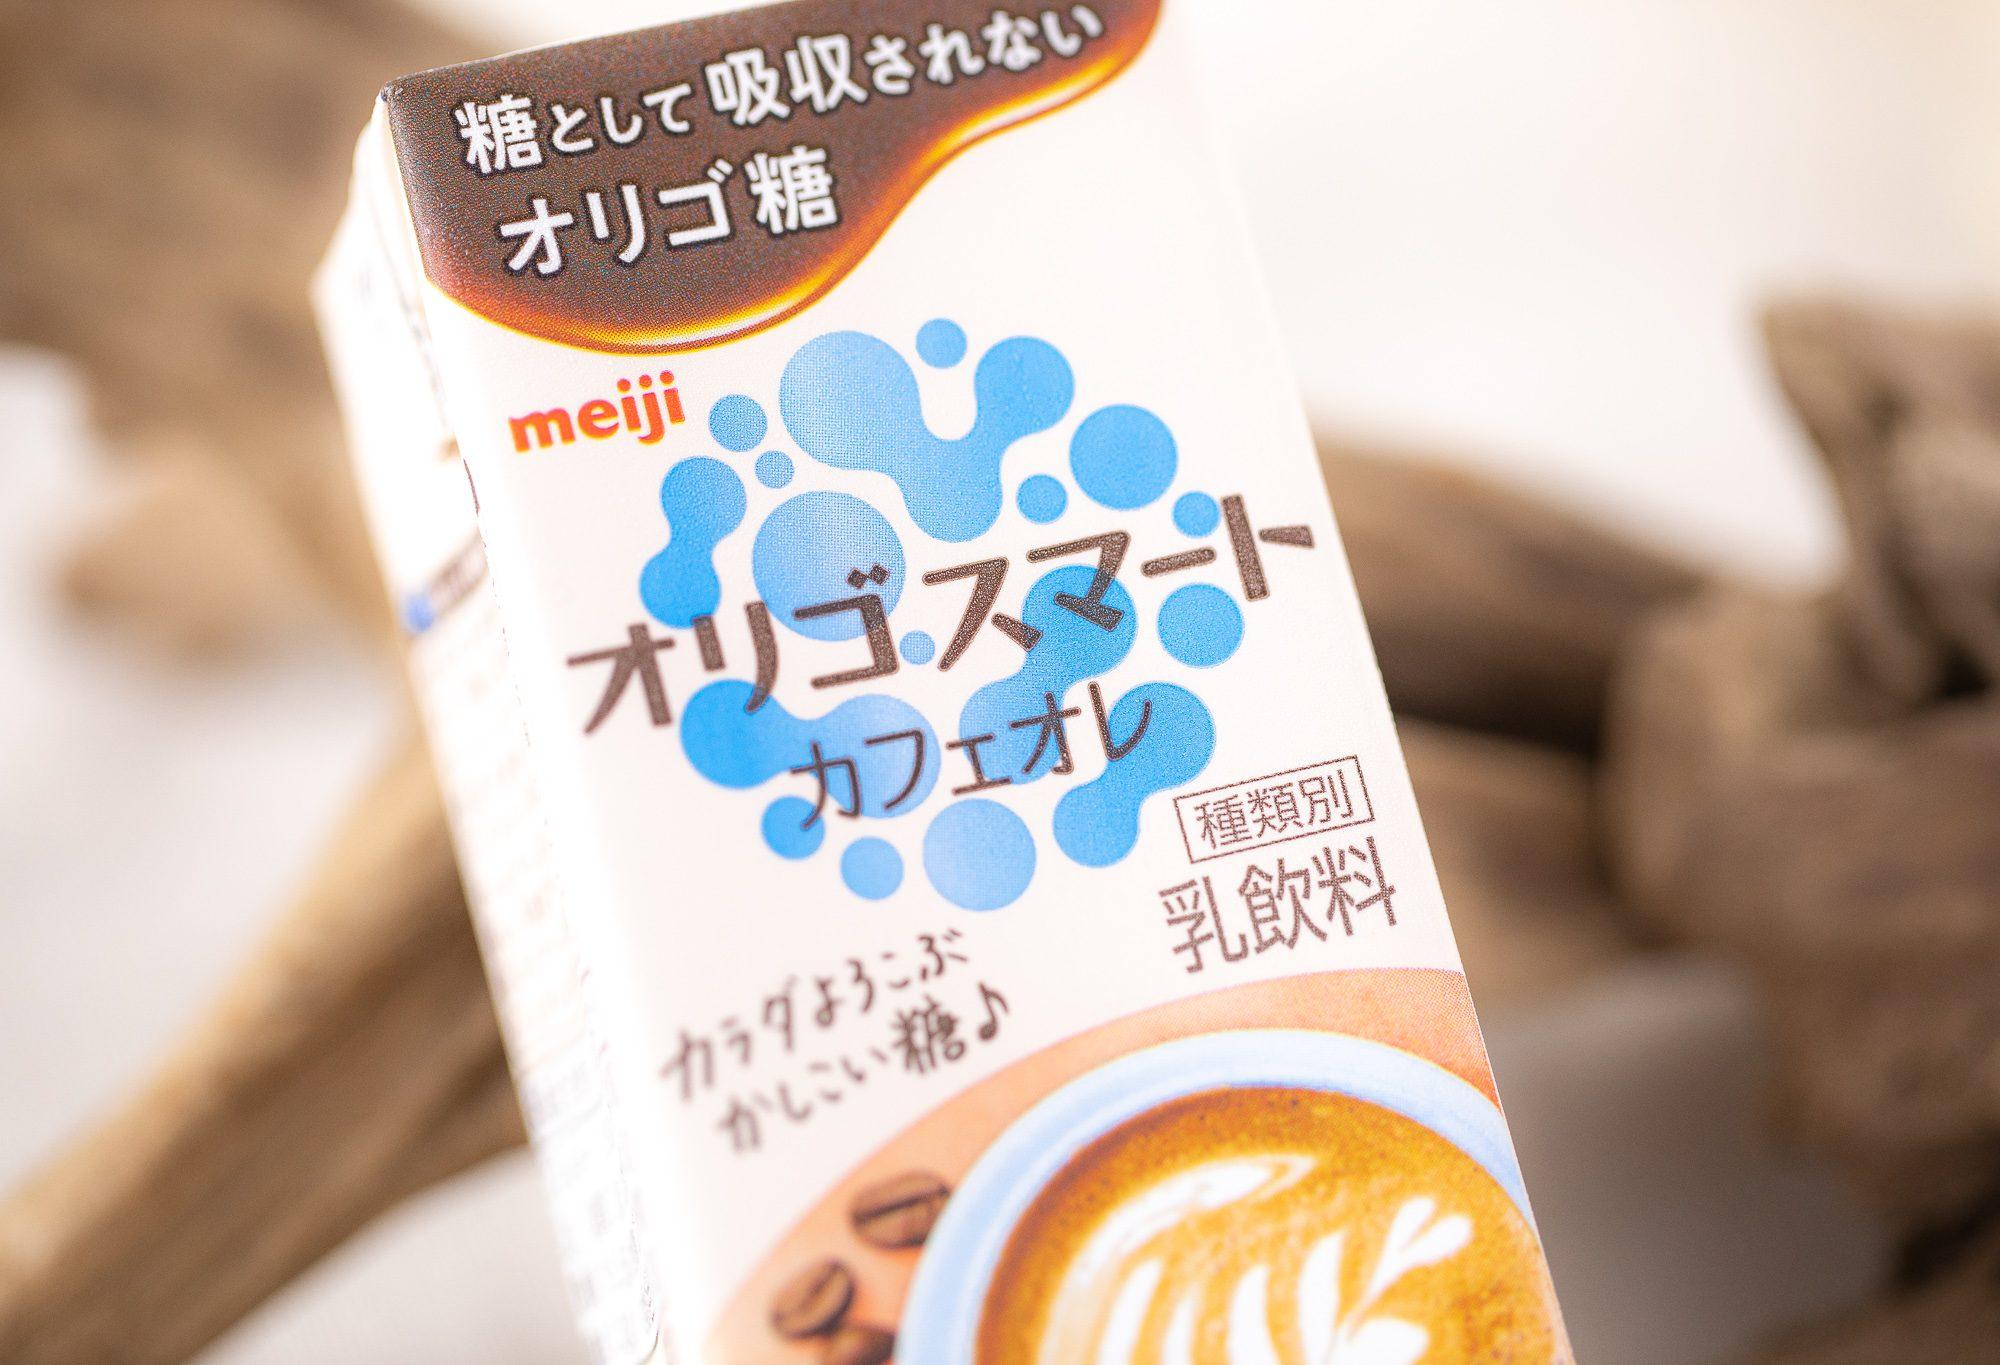 明治『オリゴスマート カフェオレ 200ml』はミルクのコクとチョコのような風味のコーヒーが贅沢なとろける甘さの次世代カフェオレ!